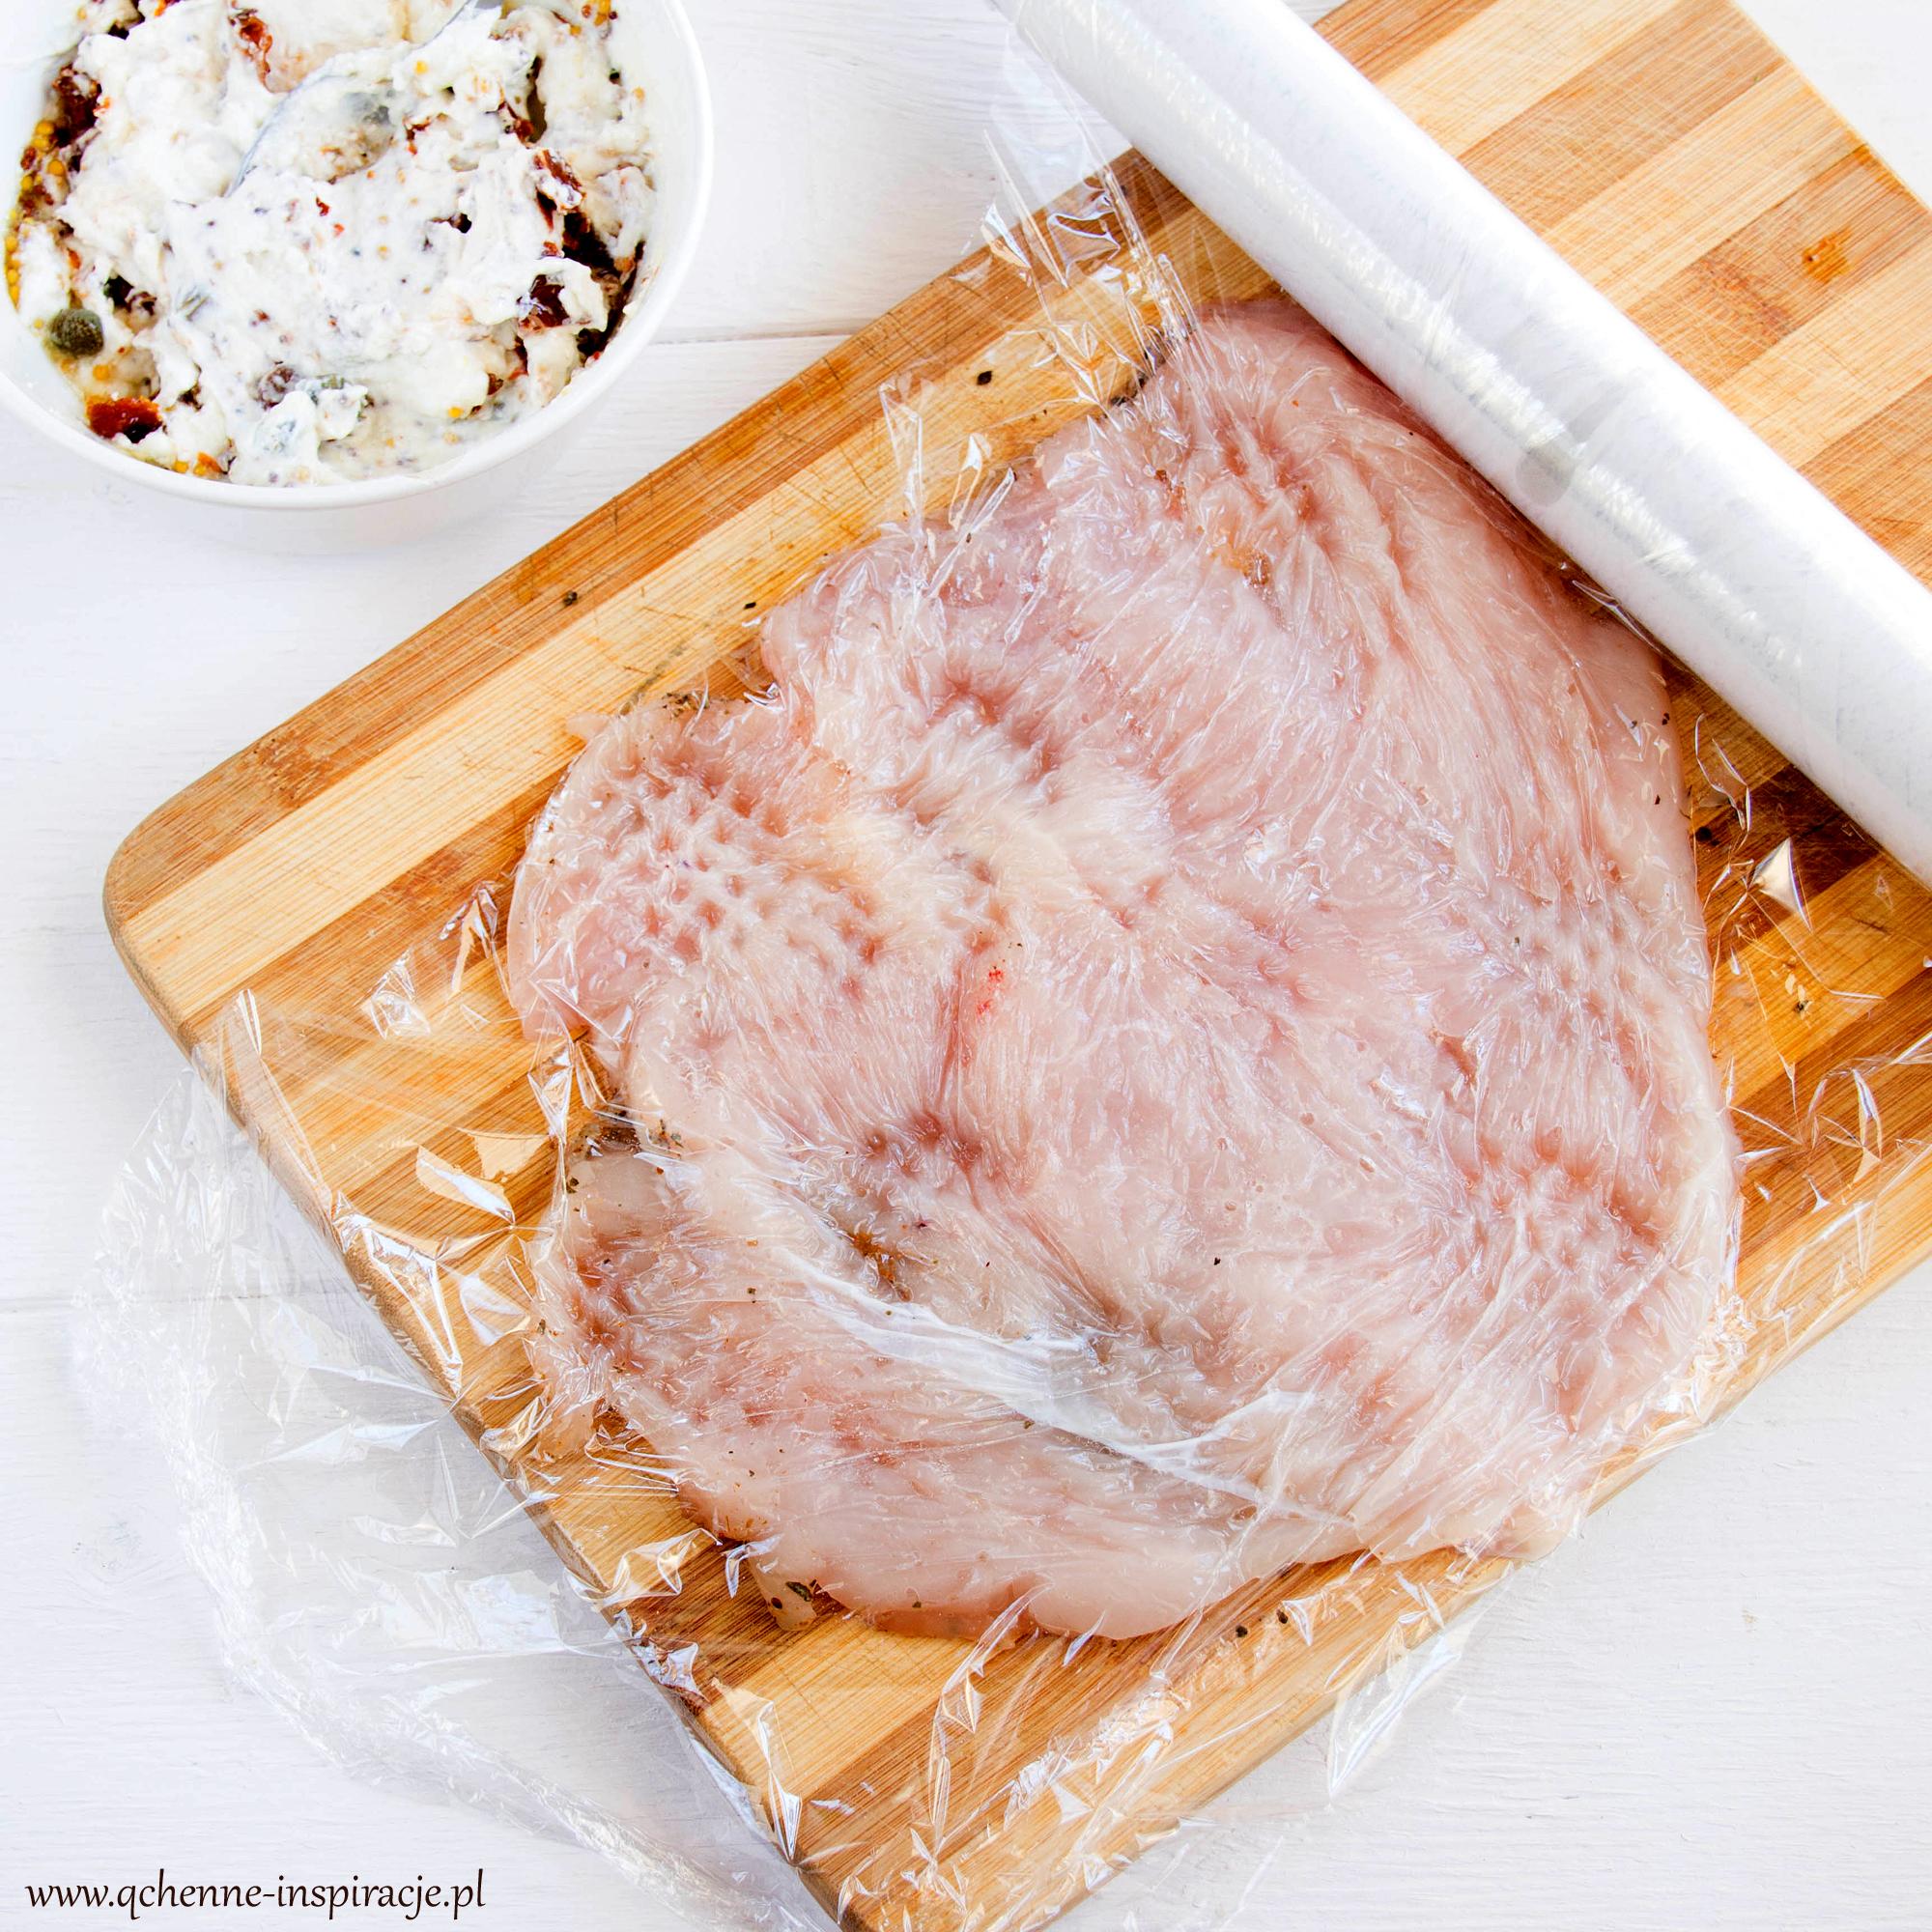 przepisy wielkanocne dietetyczne fit z kurczaka w sosie